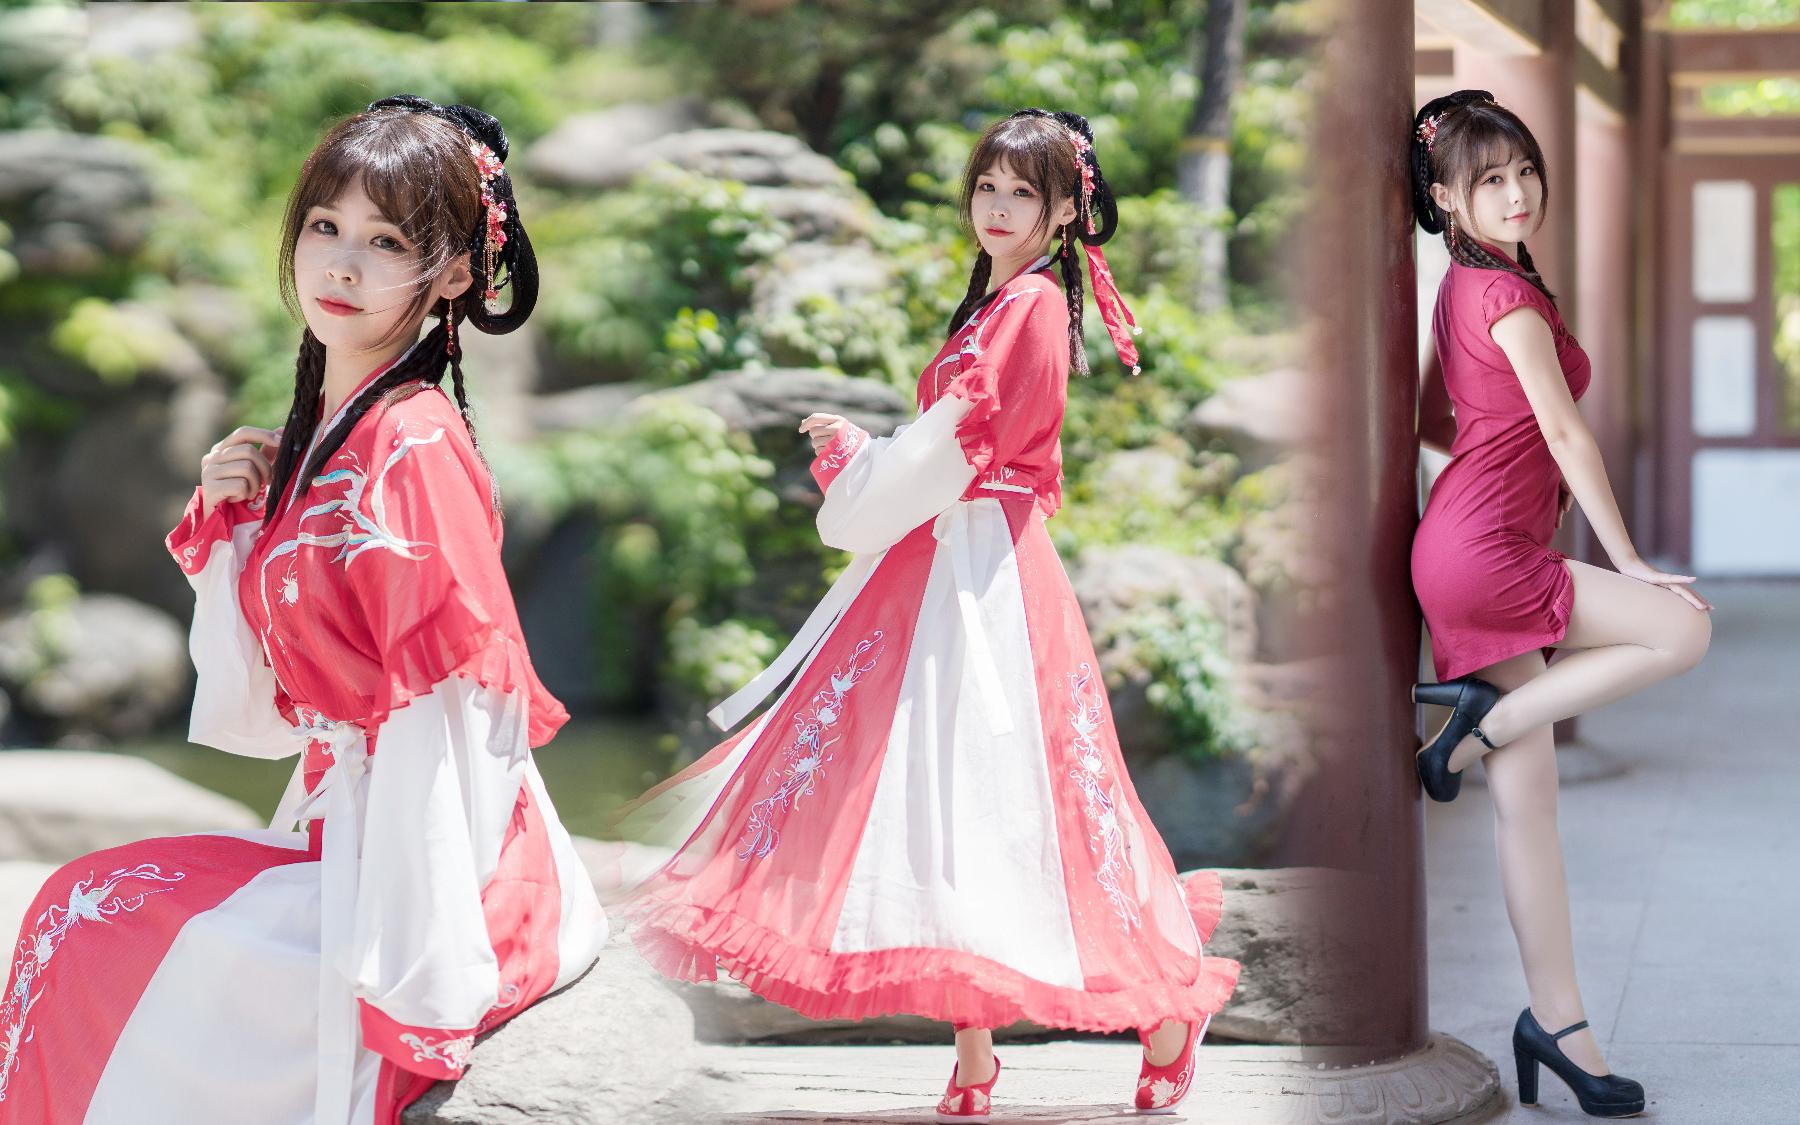 【南下】汉服or旗袍?穿哪一套和你大喜呢~